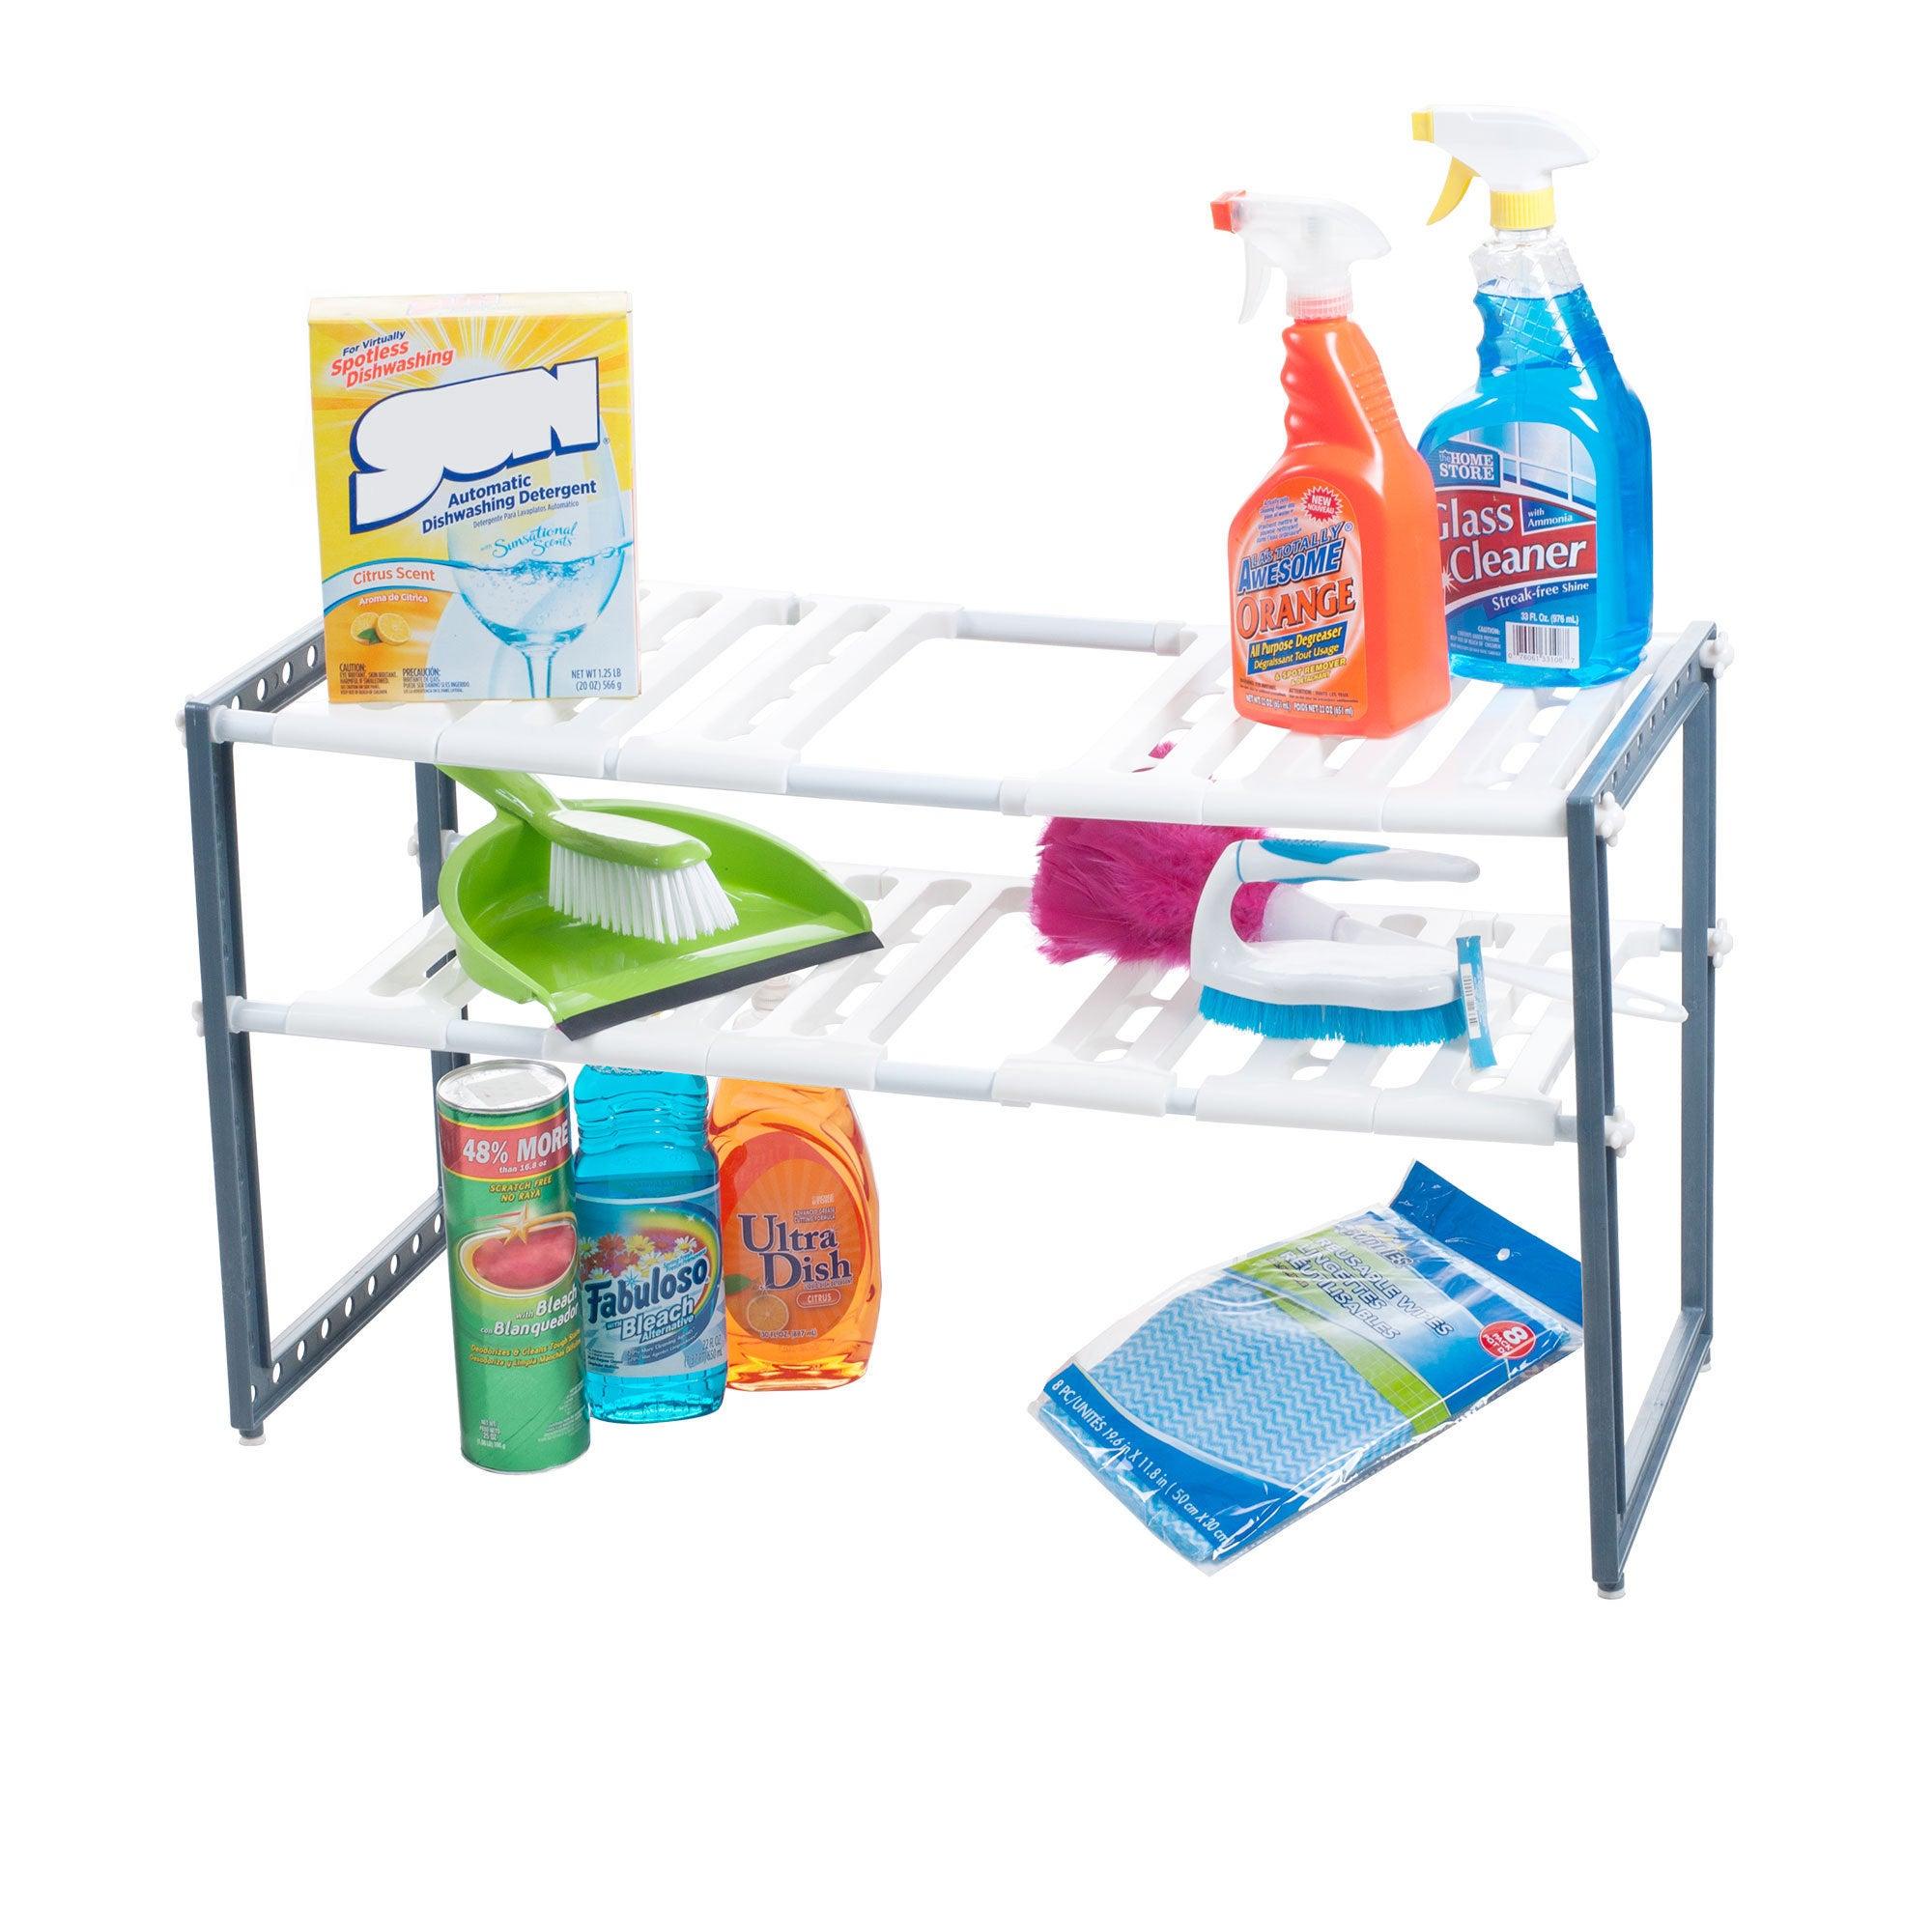 Trademark Stalwart Adjustable Under Sink Shelf Organizer ...